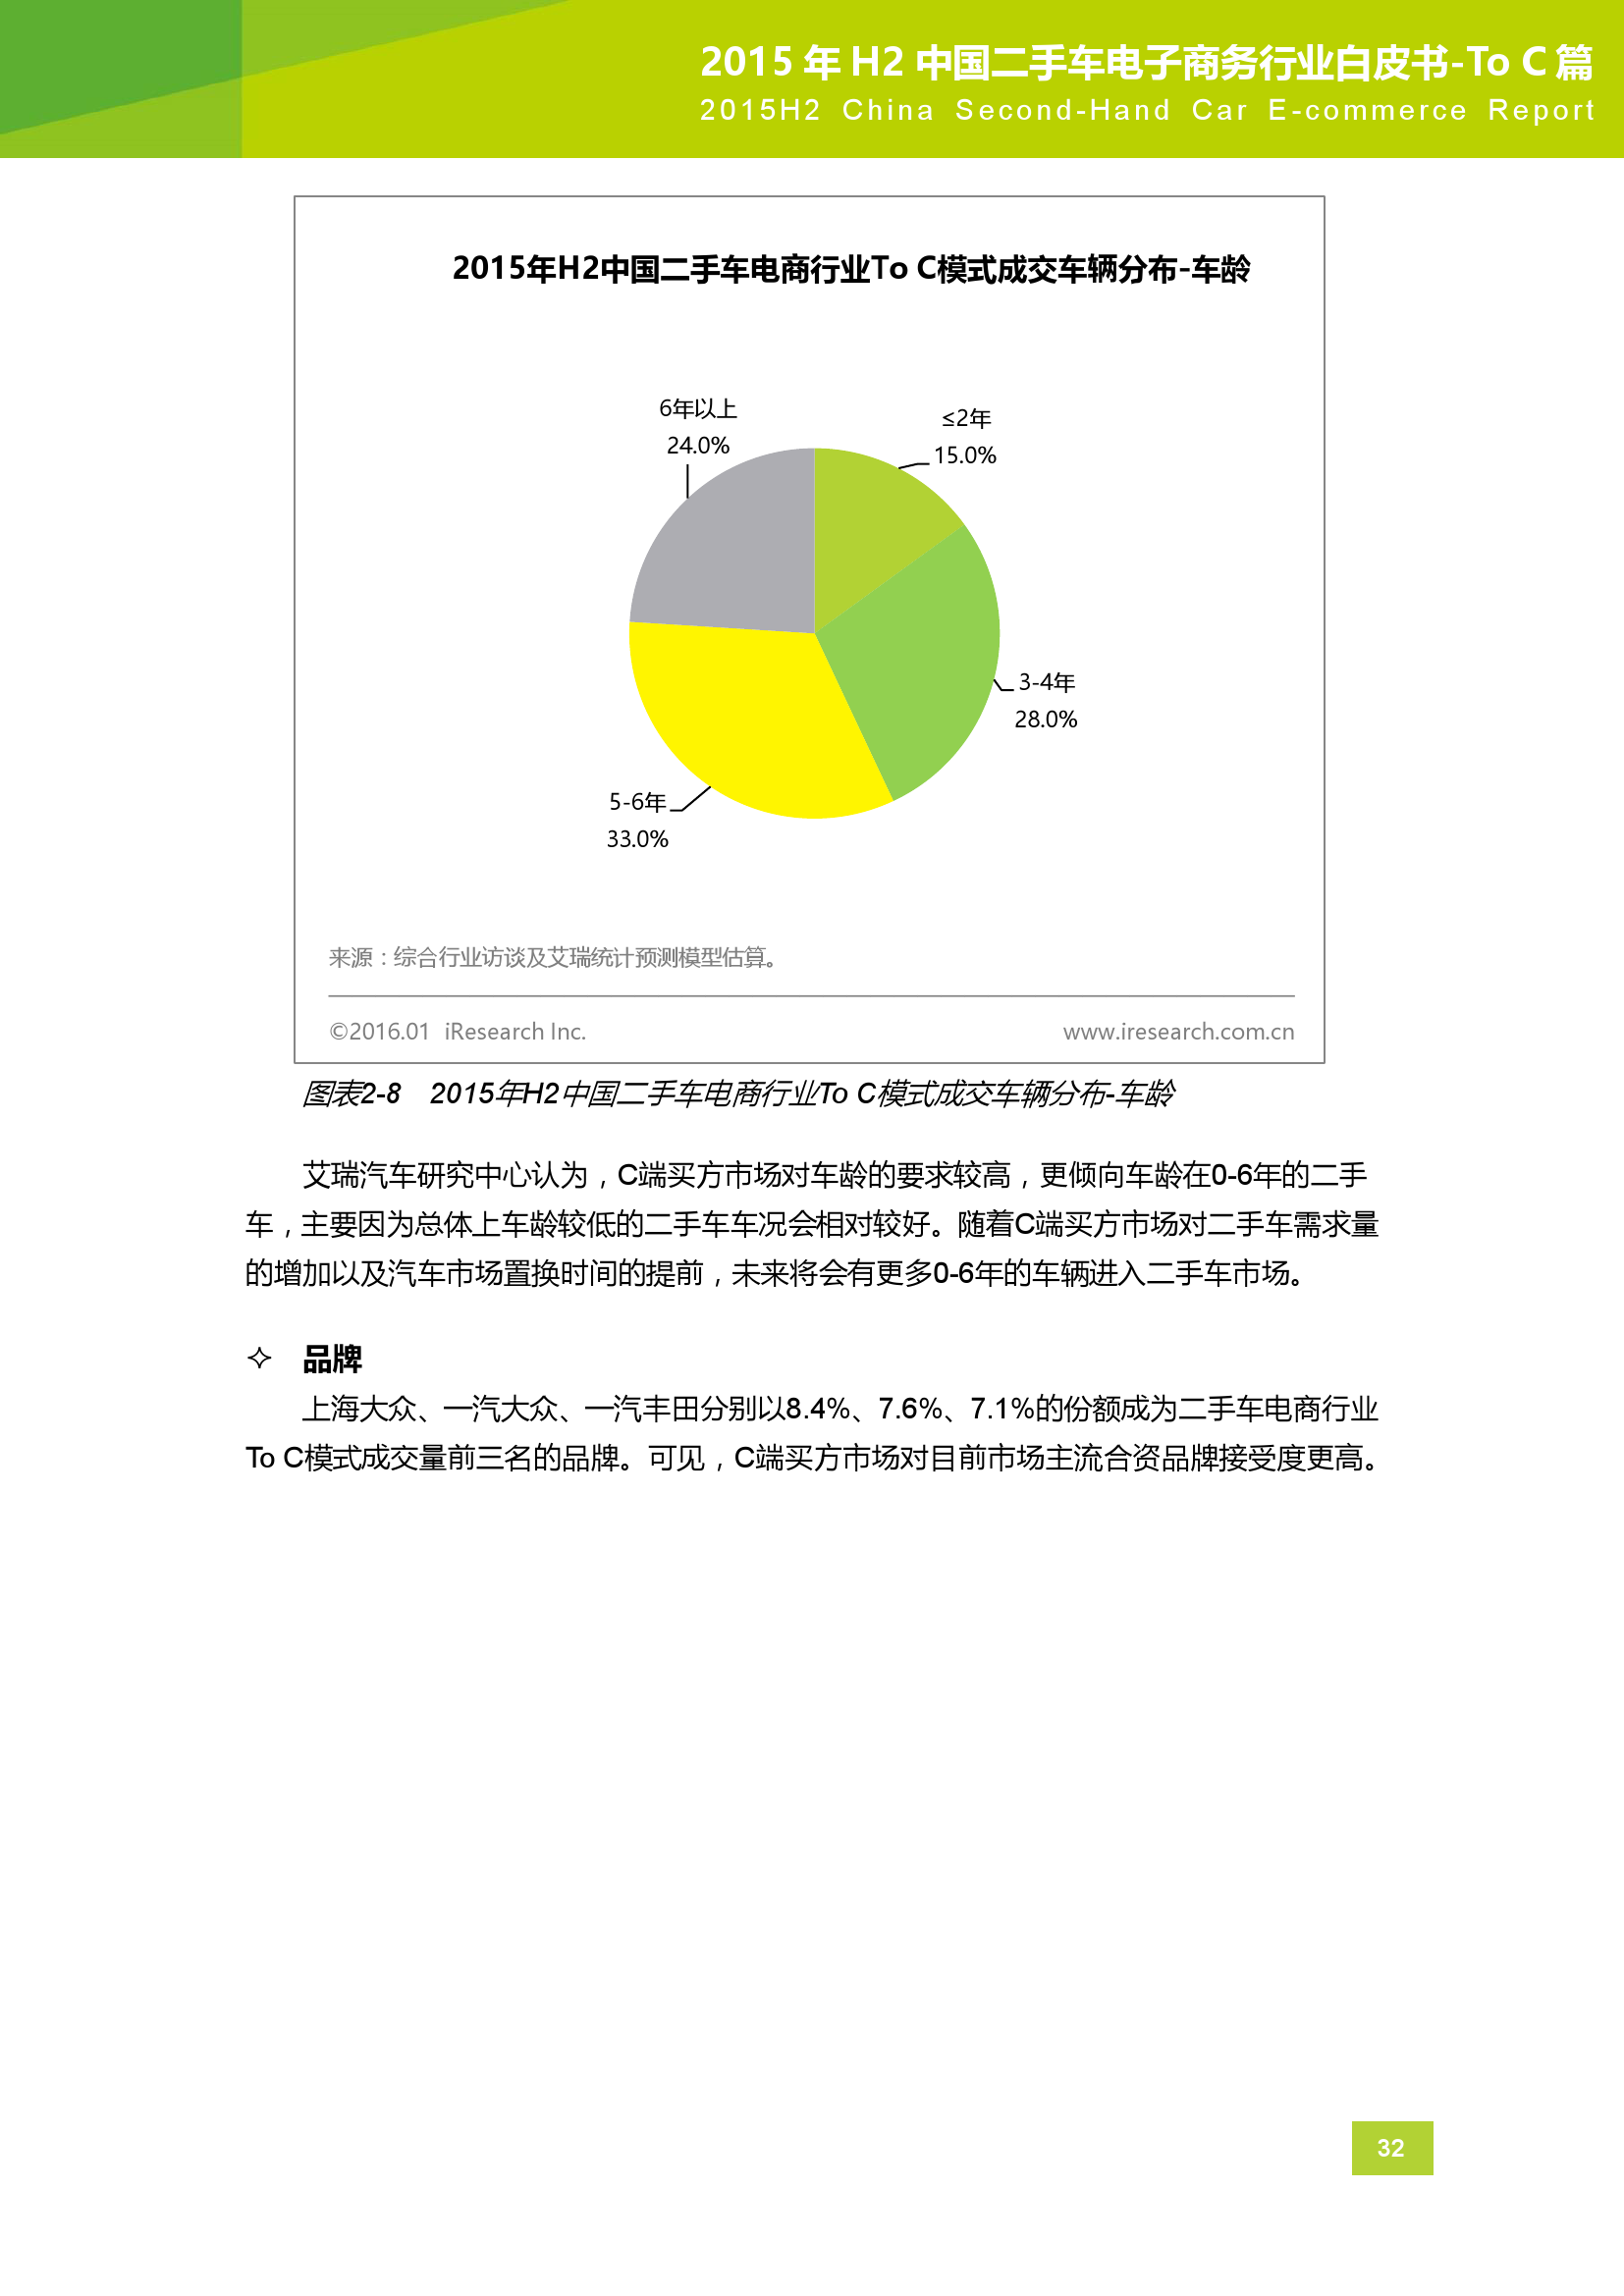 2015年H2中国二手车电子商务行业白皮书_000032